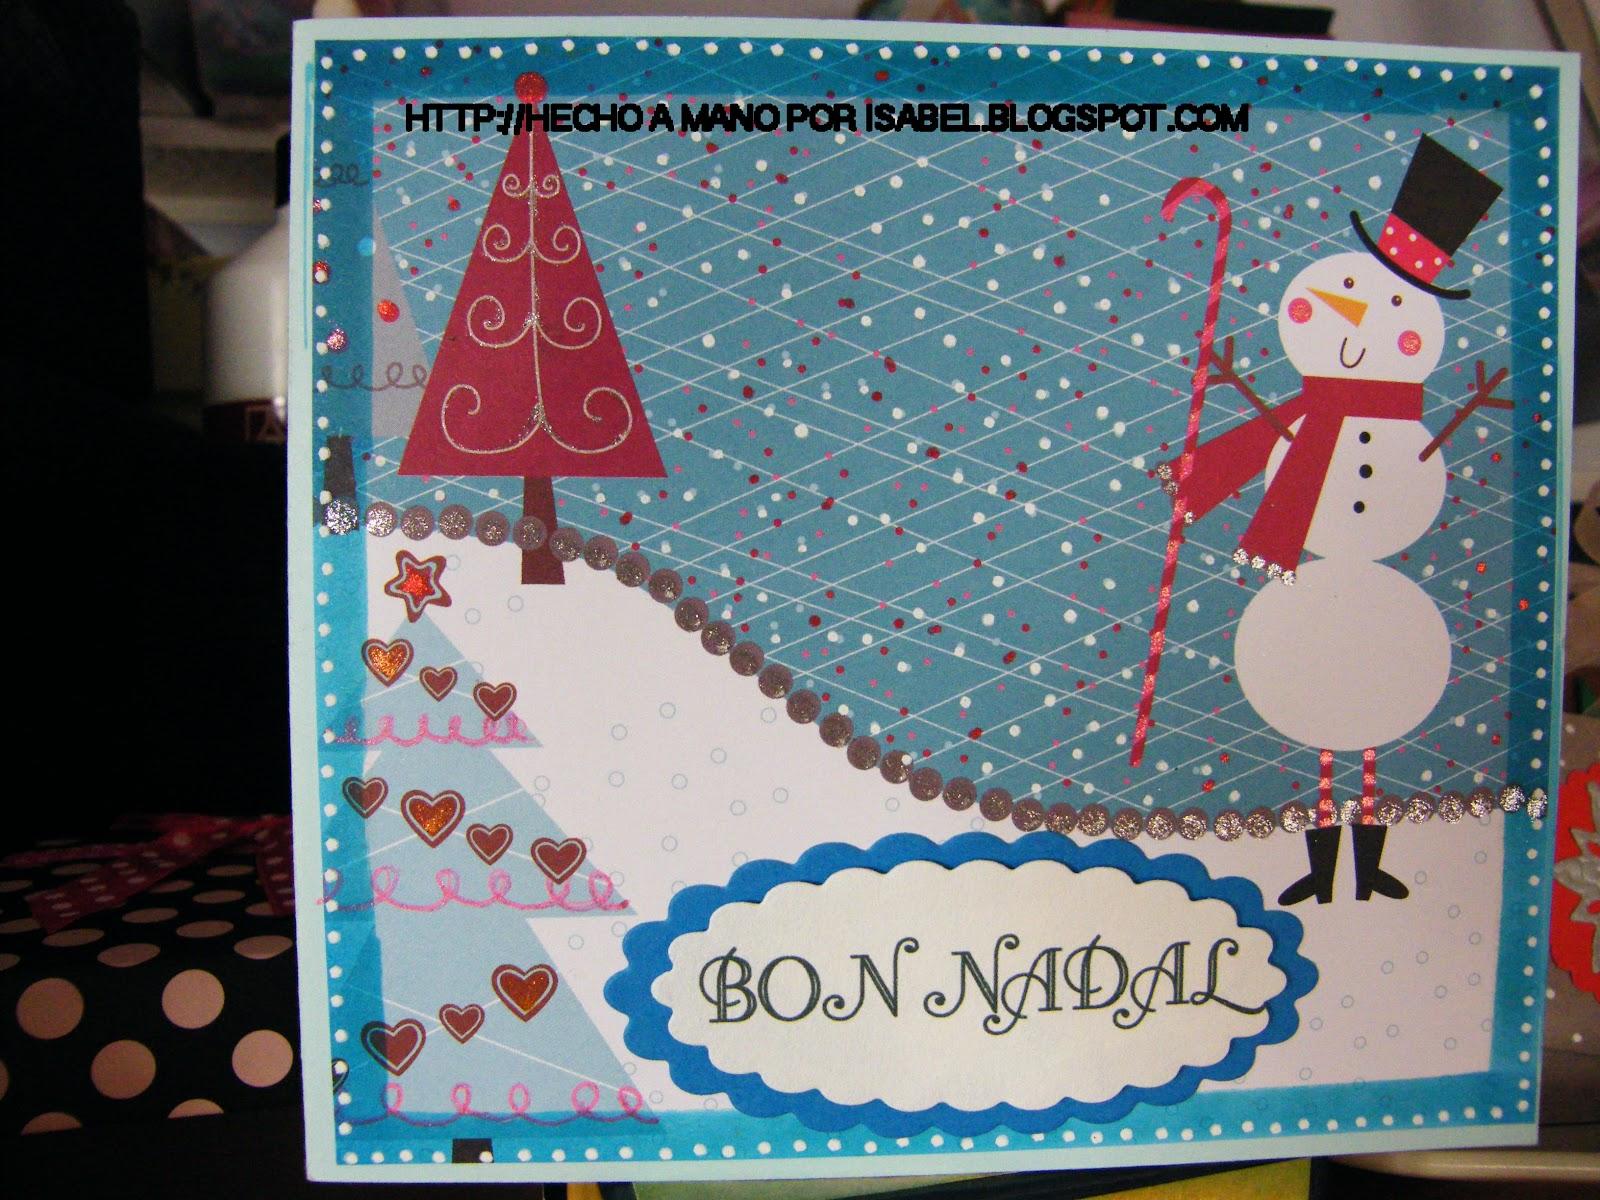 Hecho a mano por isabel tarjeta de navidad con mu eco de - Como hacer una tarjeta de navidad original ...